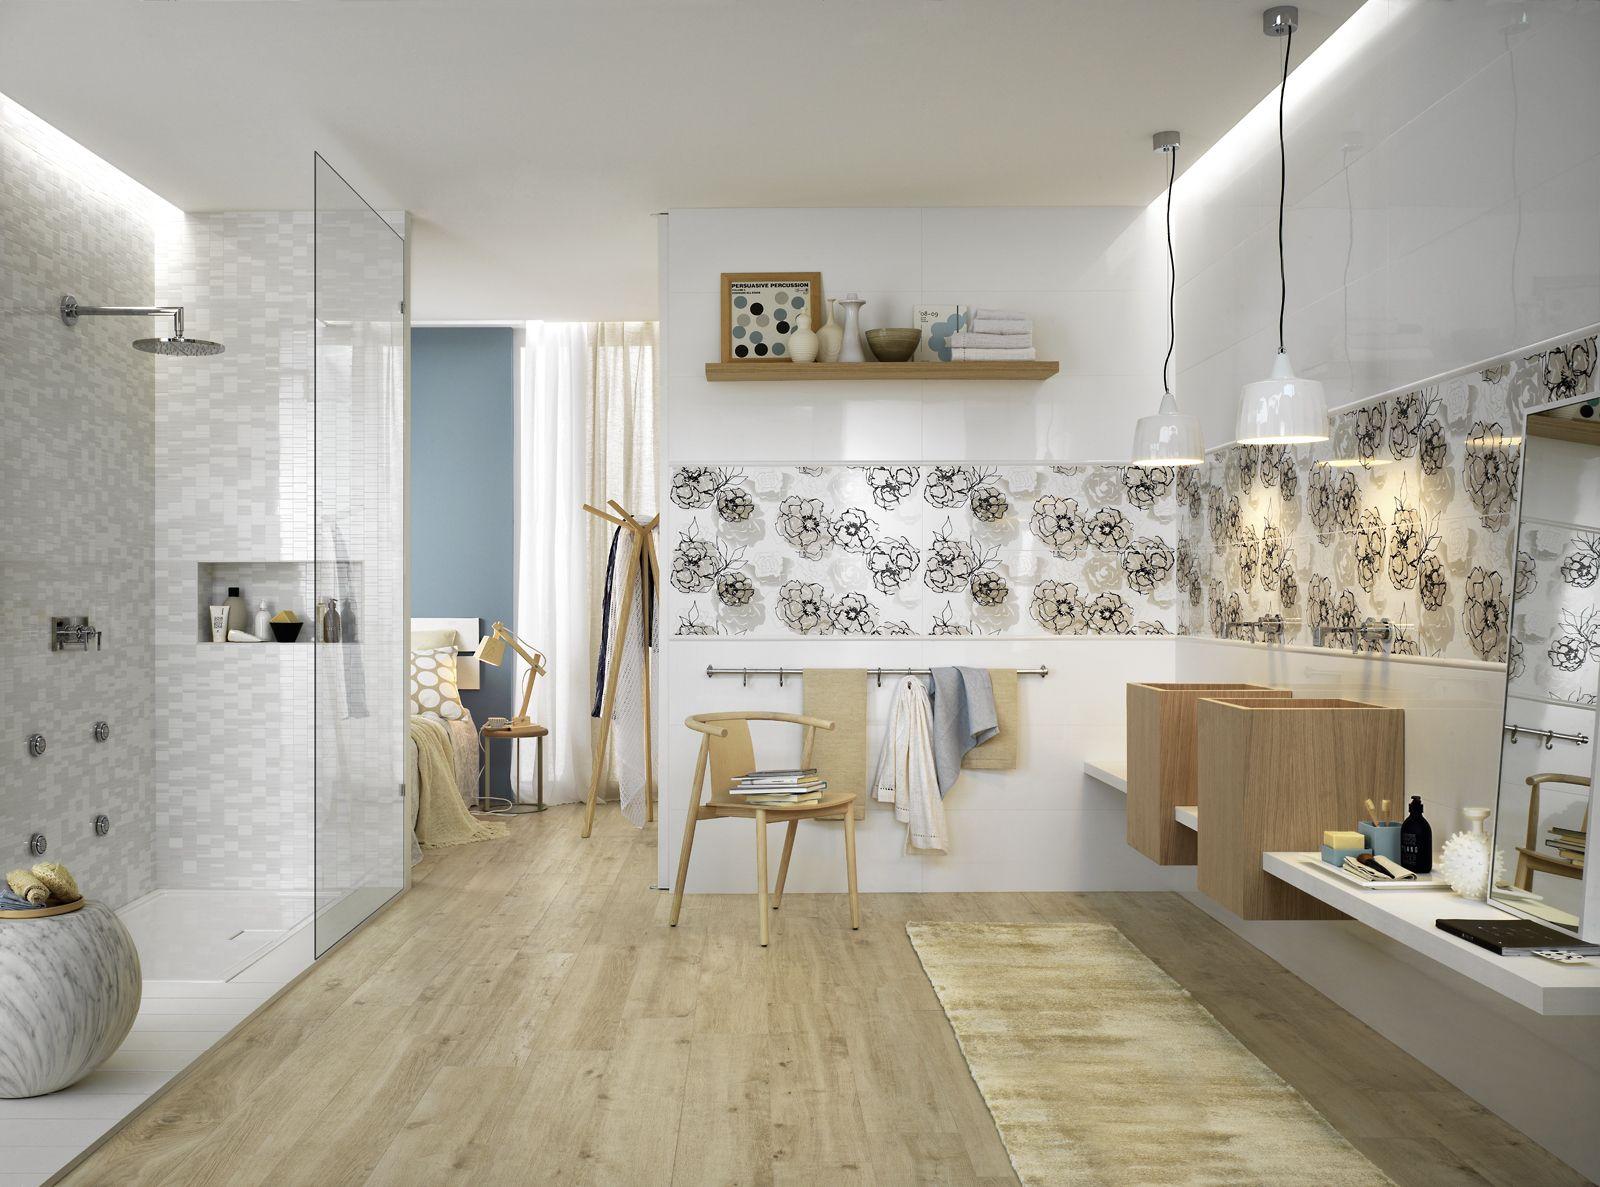 ColorUp - piastrelle per il rivestimento di pareti | Marazzi ...